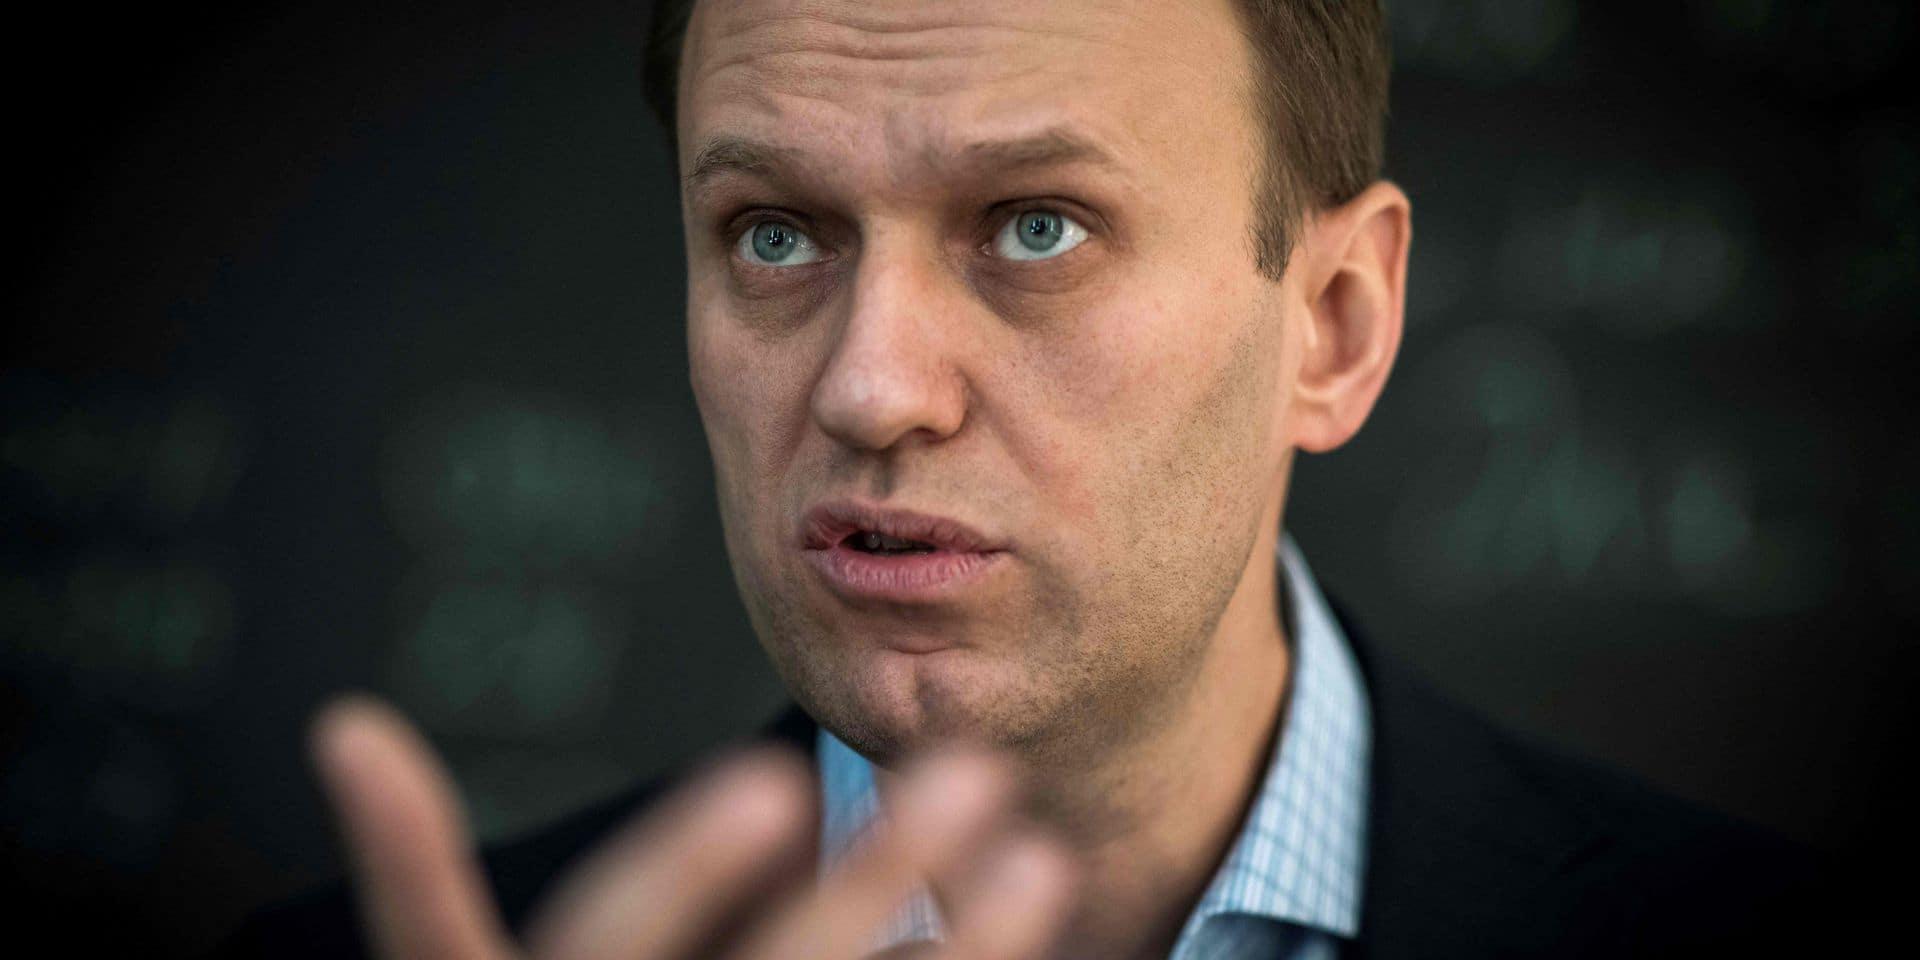 L'opposant russe Navalny dans un état stable à Berlin